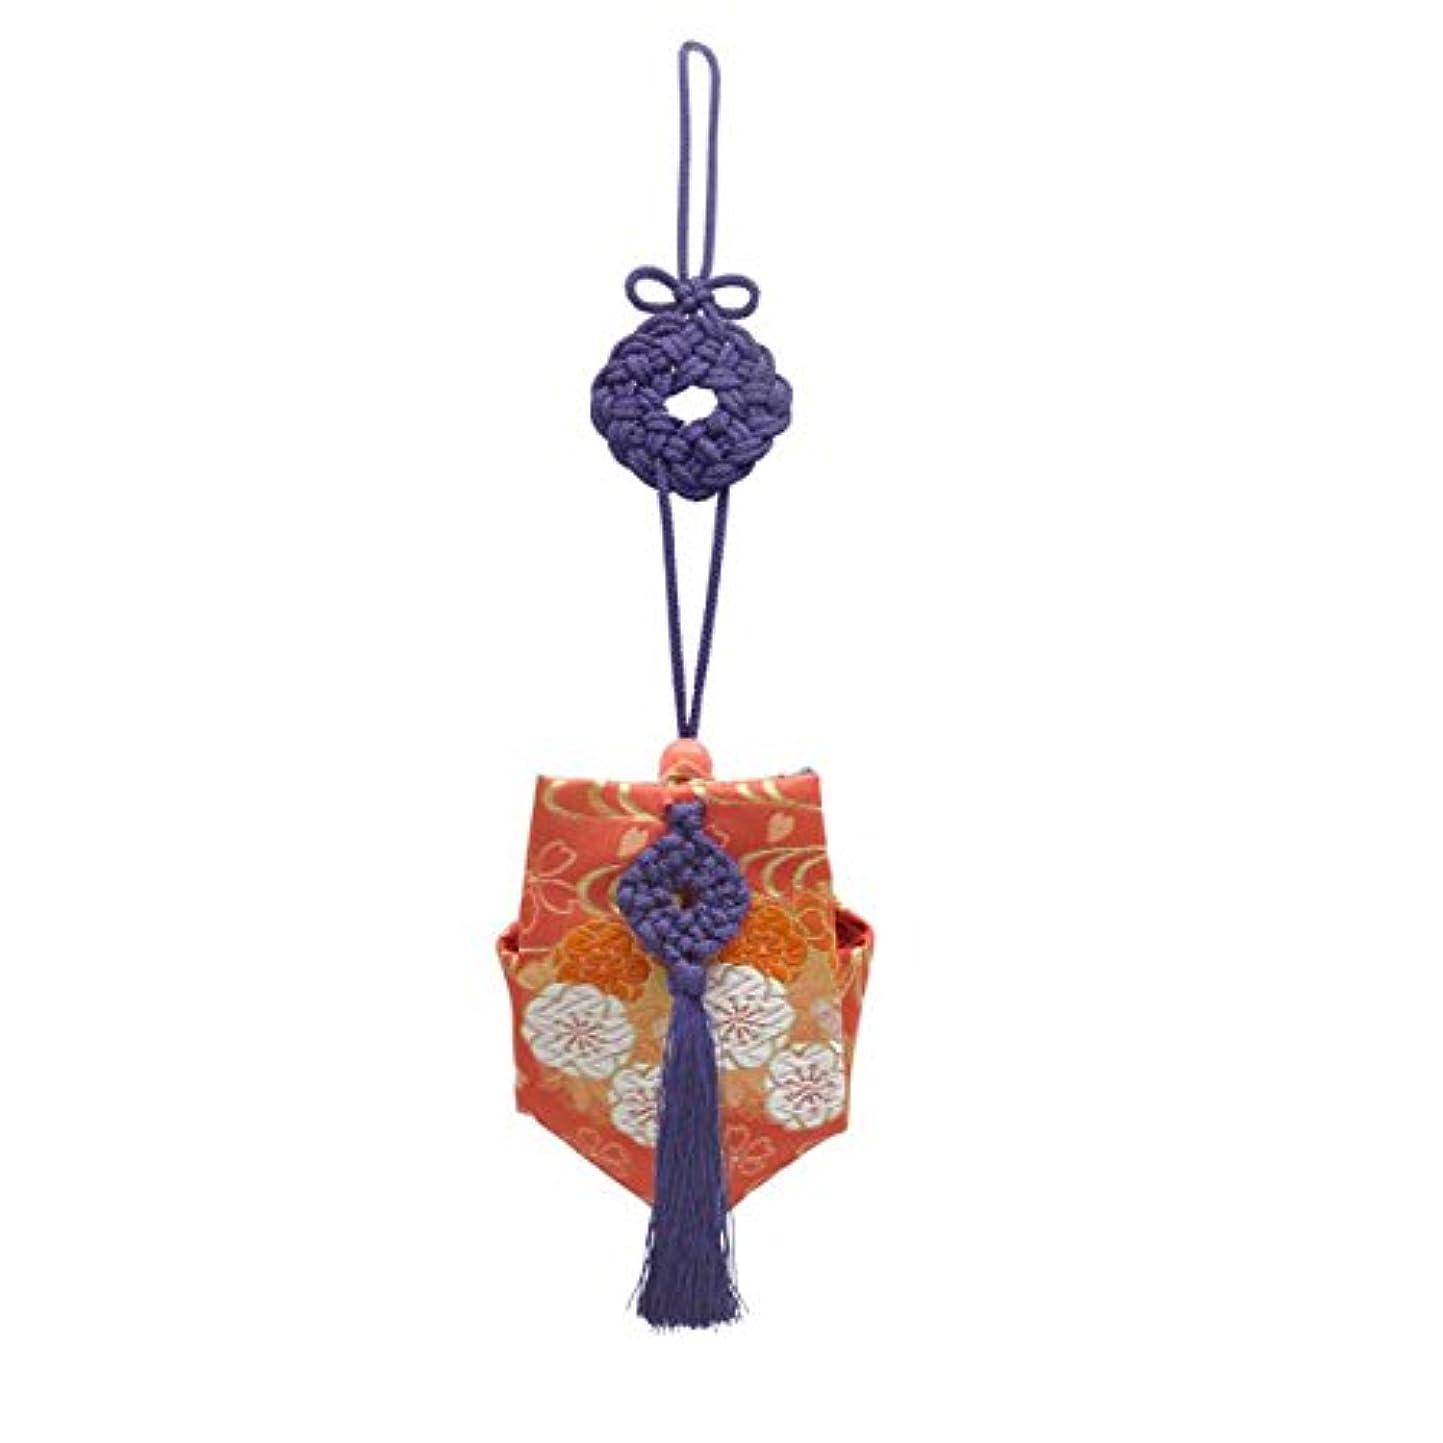 ヘリコプターシャンプーお祝い訶梨勒 上品 紙箱入 紫紐/花紋